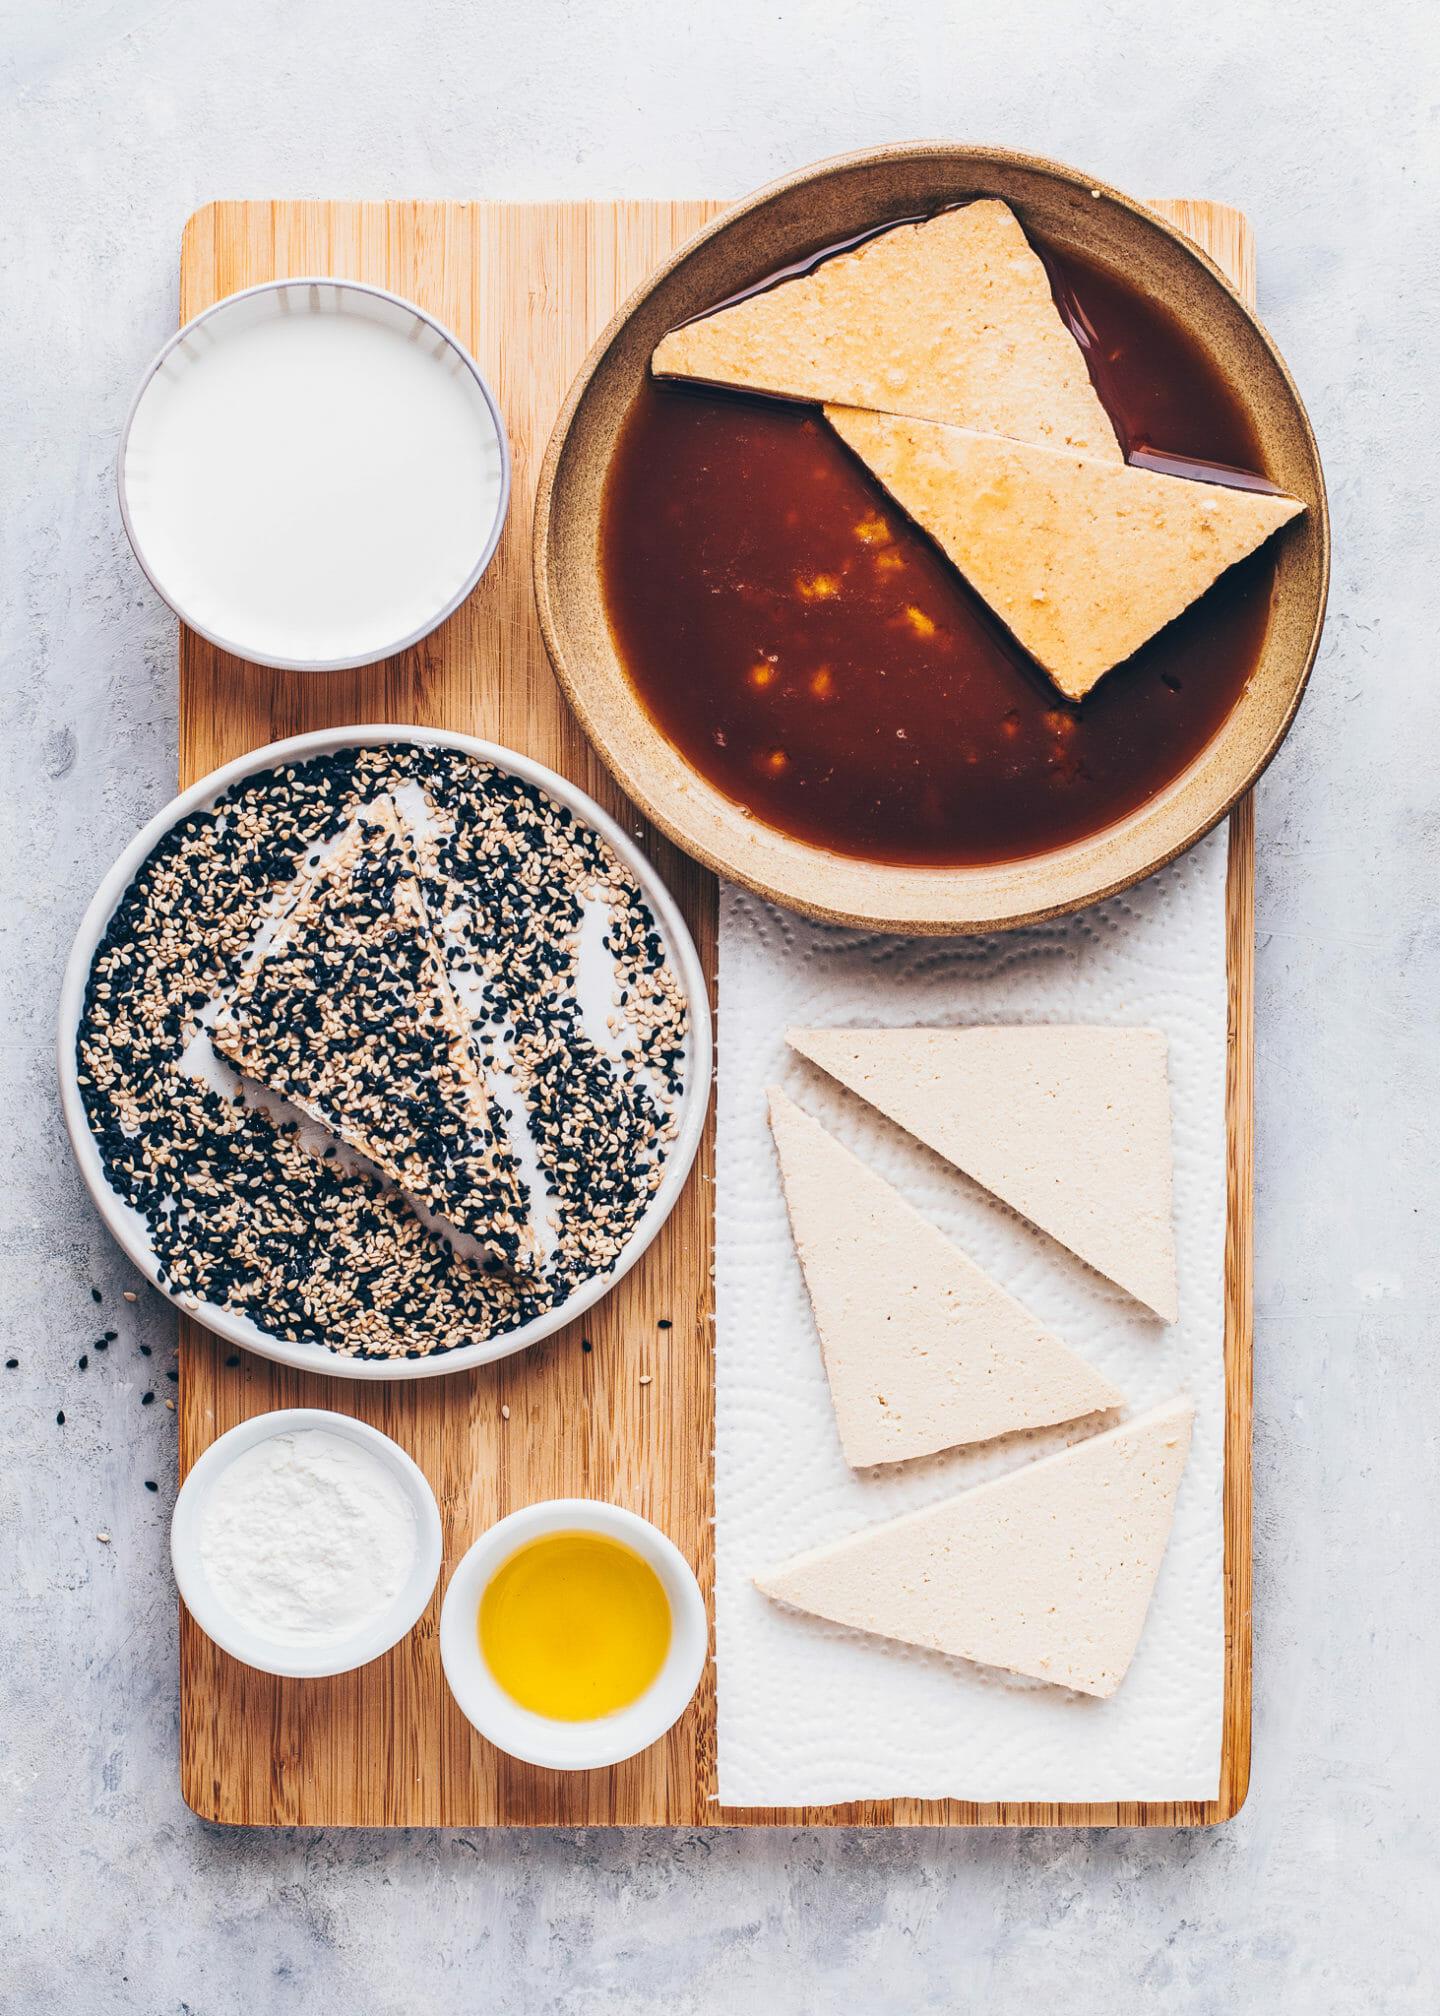 How to make crispy sesame tofu